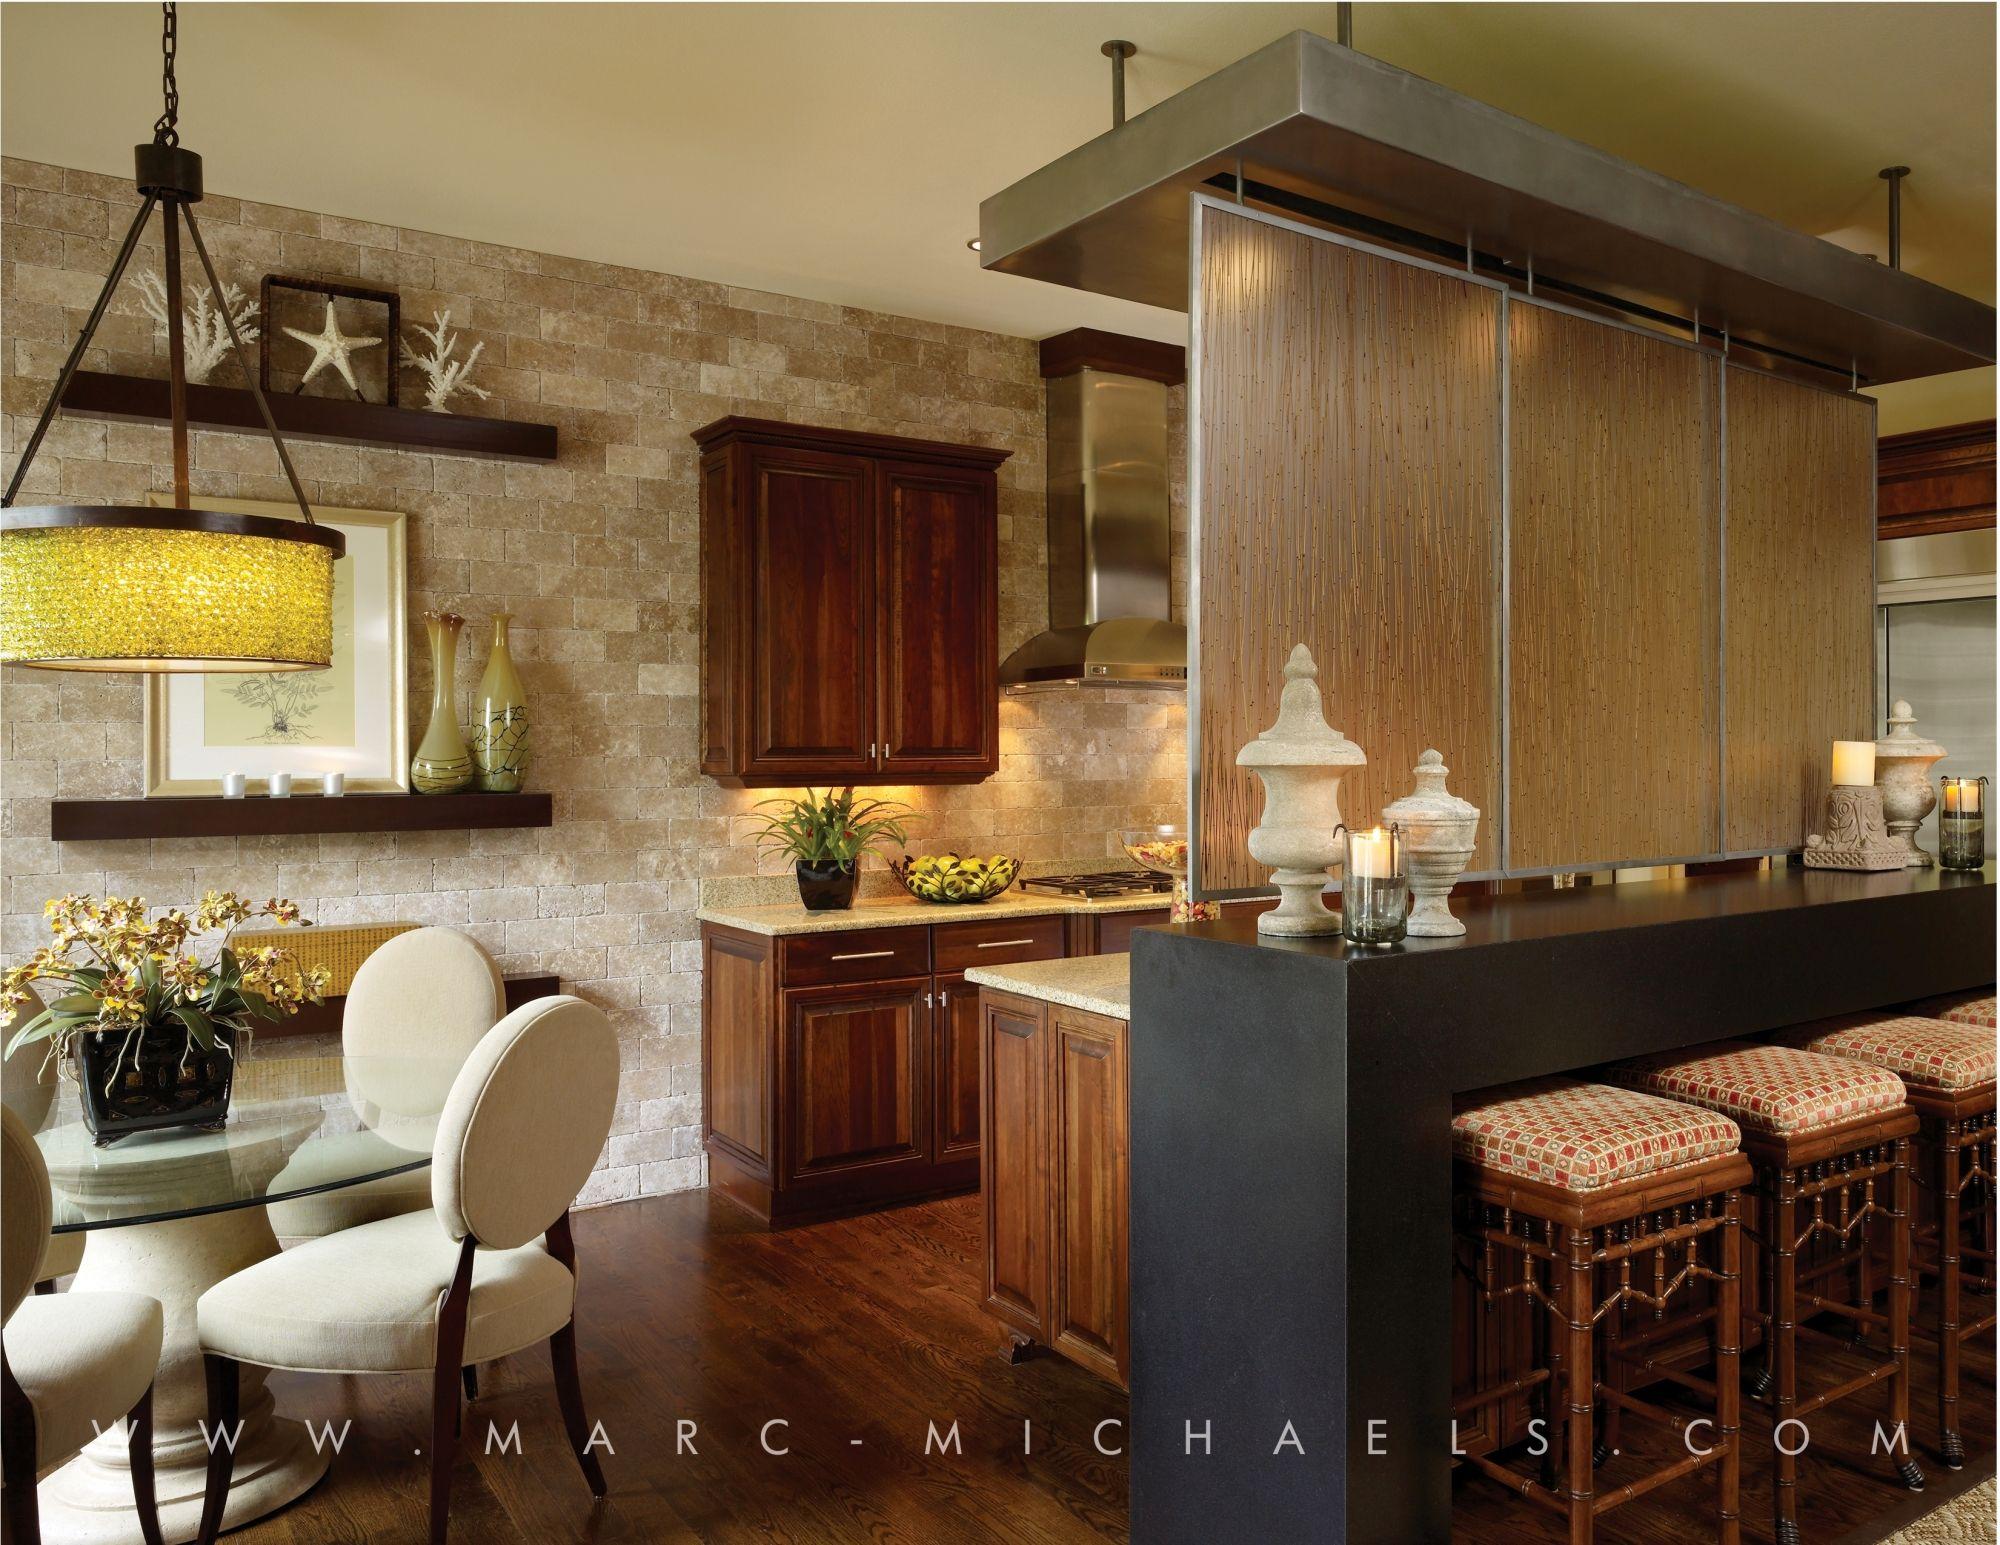 kitchen nook idea kitchen design luxury kitchens luxury interior design on kitchen interior top view id=53994